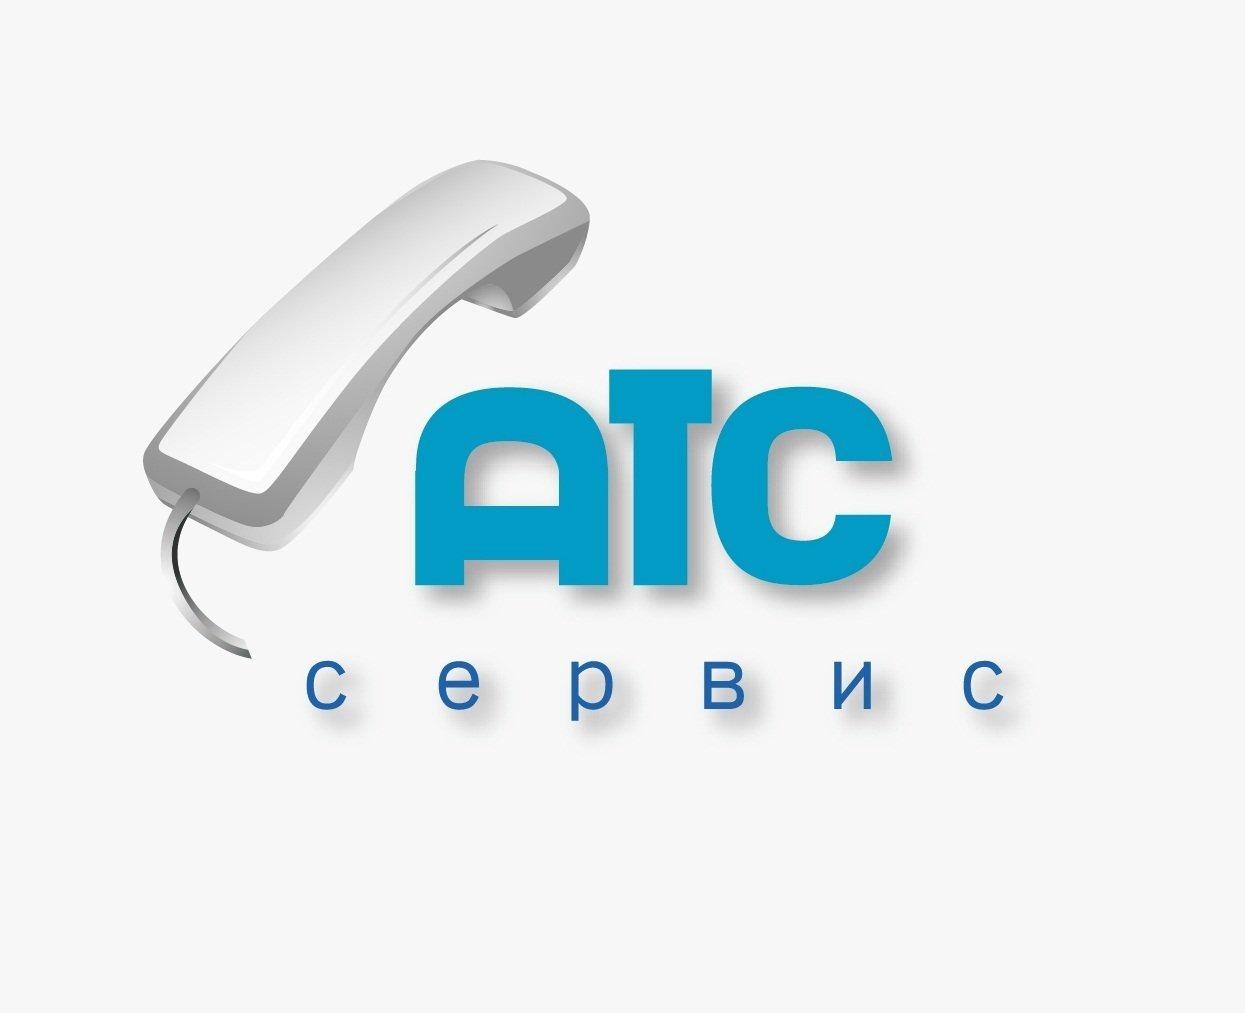 Настройка DECT микросоты (за 1 базовую станцию DECT)